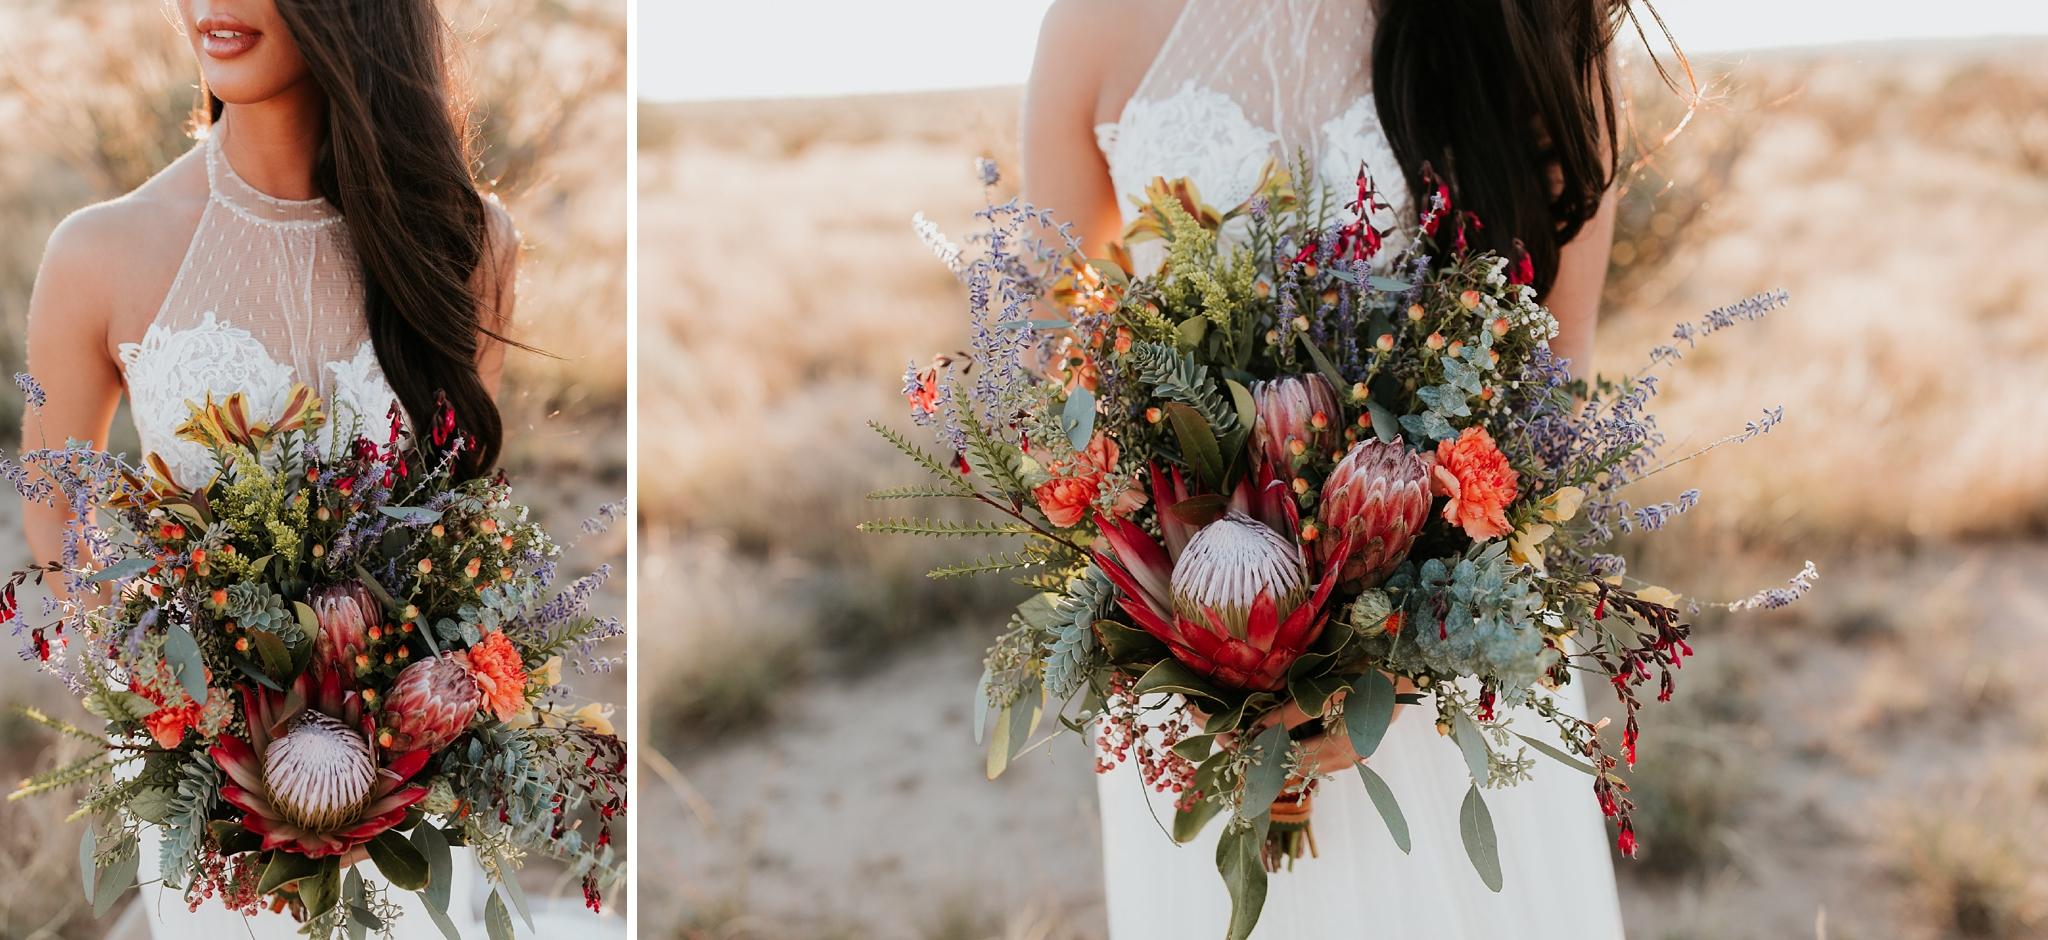 Alicia+lucia+photography+-+albuquerque+wedding+photographer+-+santa+fe+wedding+photography+-+new+mexico+wedding+photographer+-+new+mexico+wedding+-+new+mexico+wedding+-+wedding+florals+-+desert+wedding+-+wedding+trends_0059.jpg